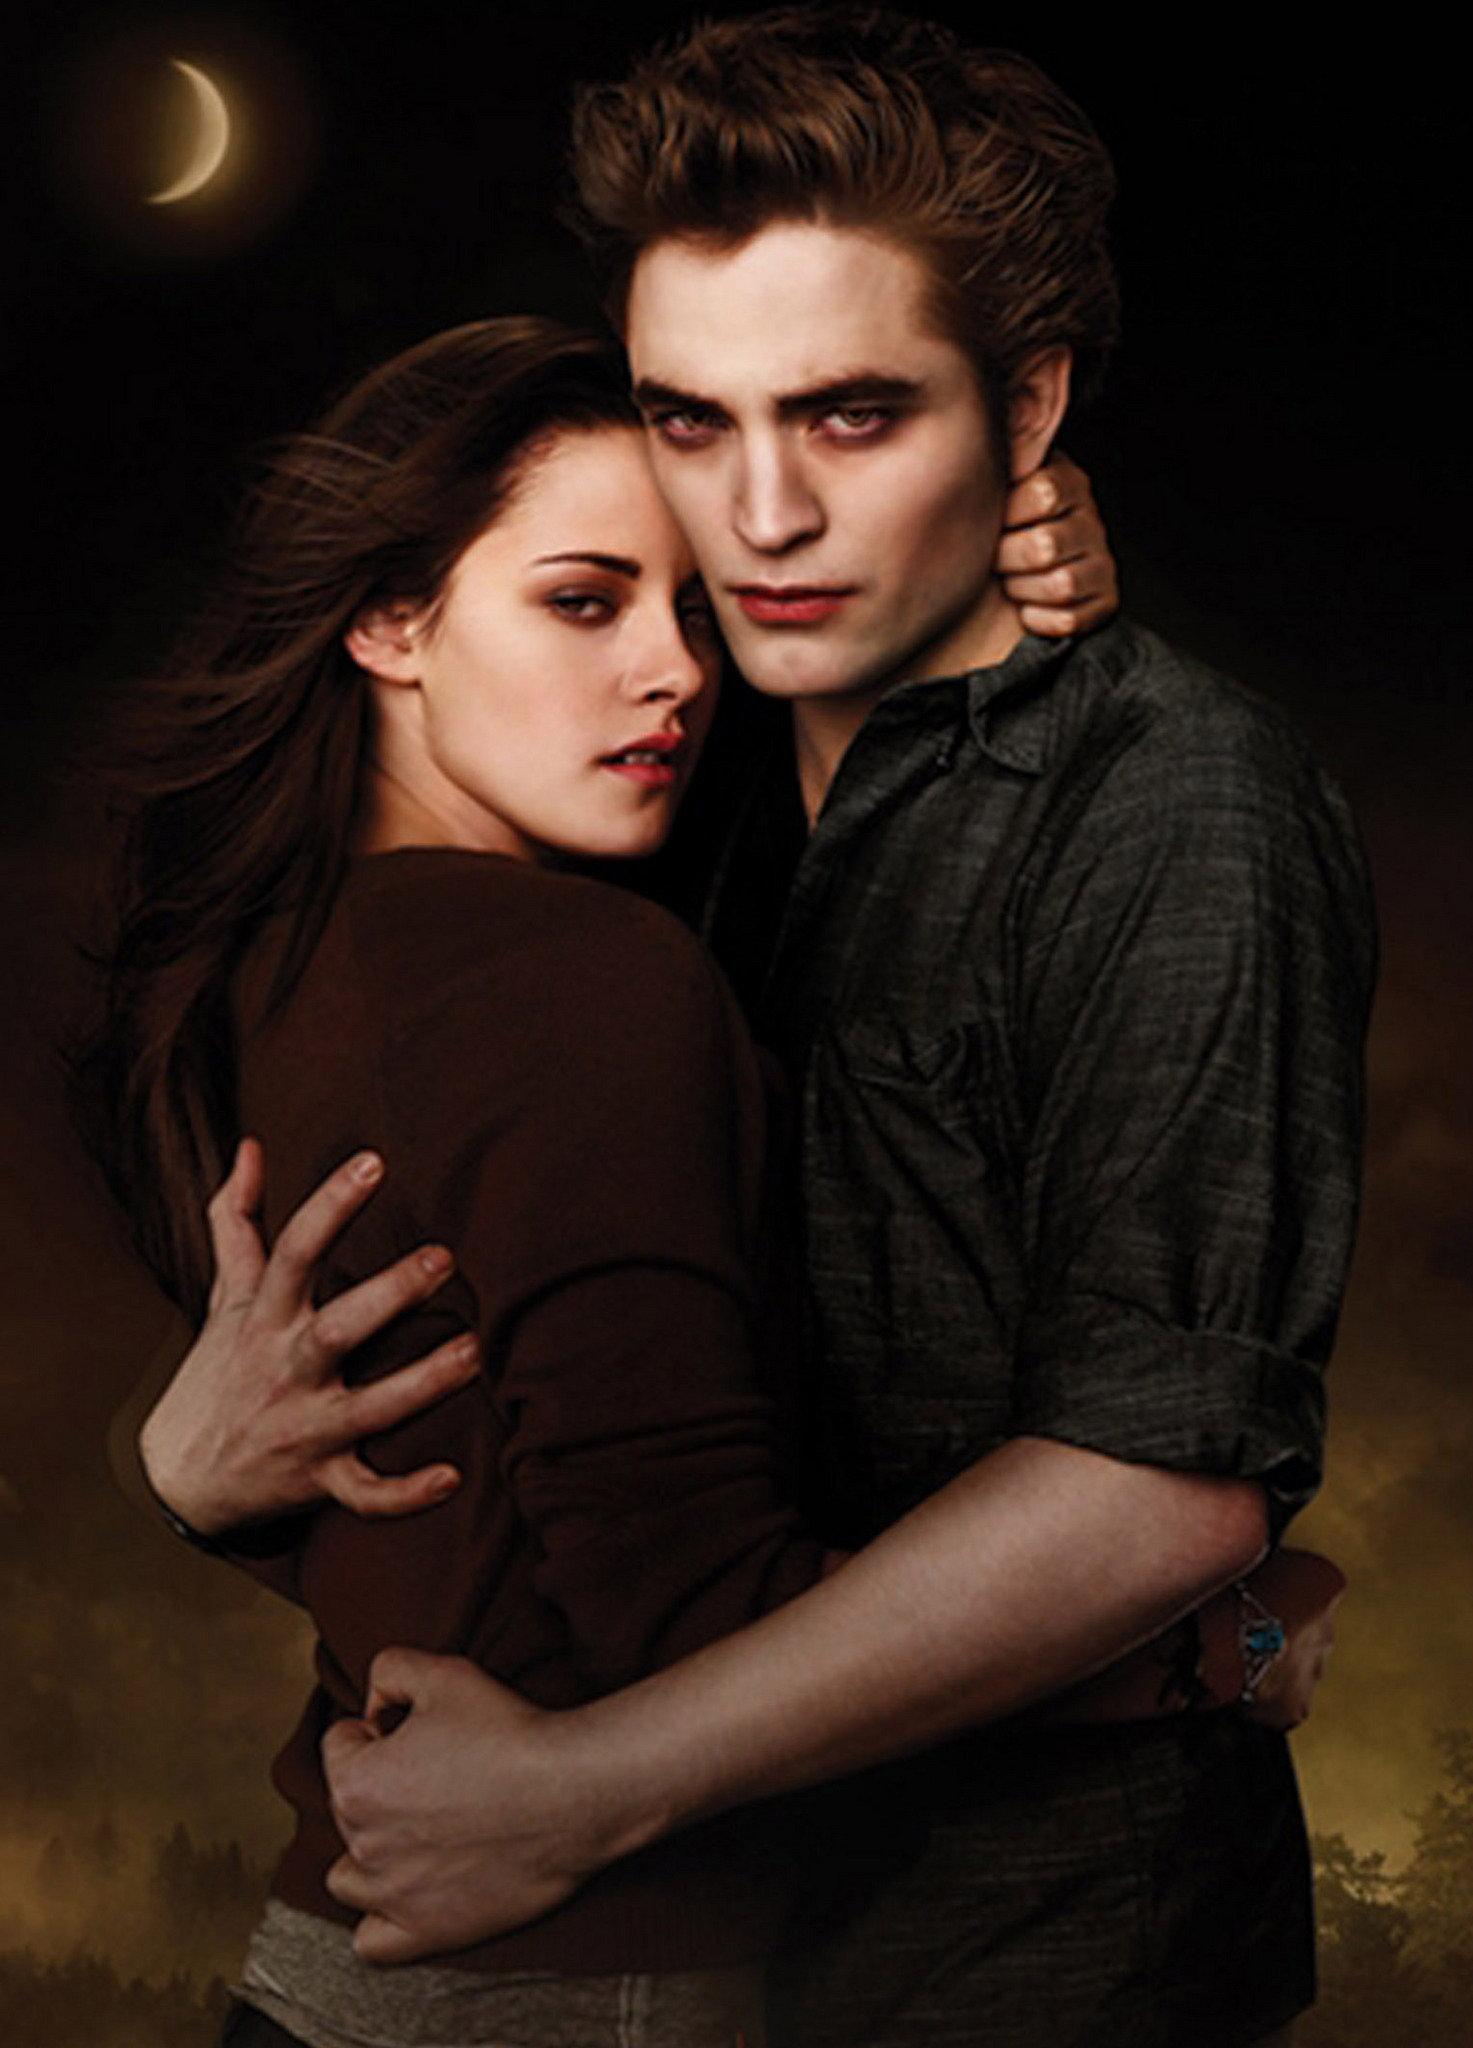 Bella und edward Dating im echten Leben